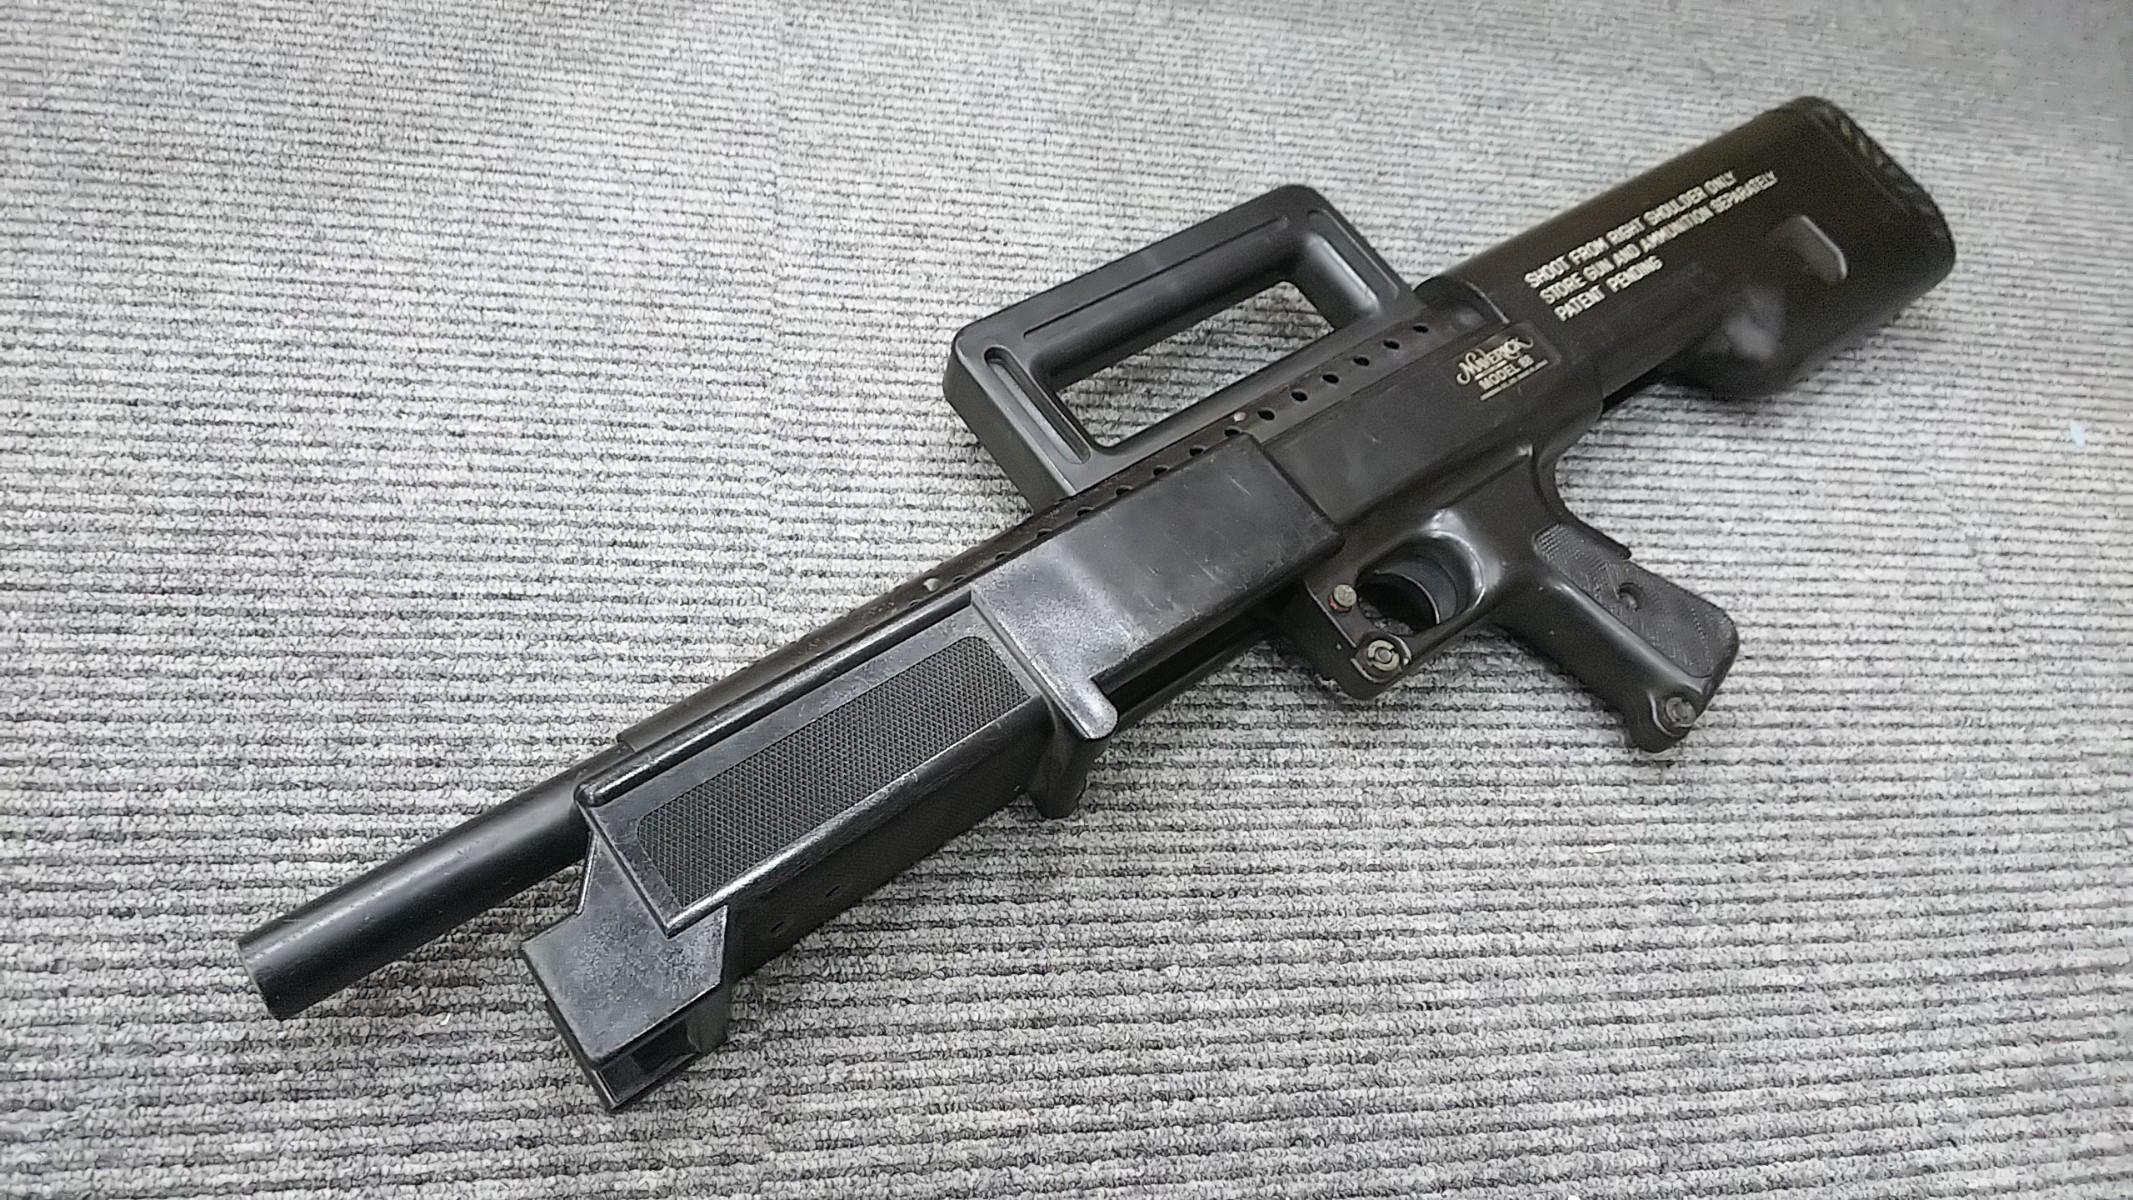 KHC製M88マーベリックブルパップ【ガンレポ36】